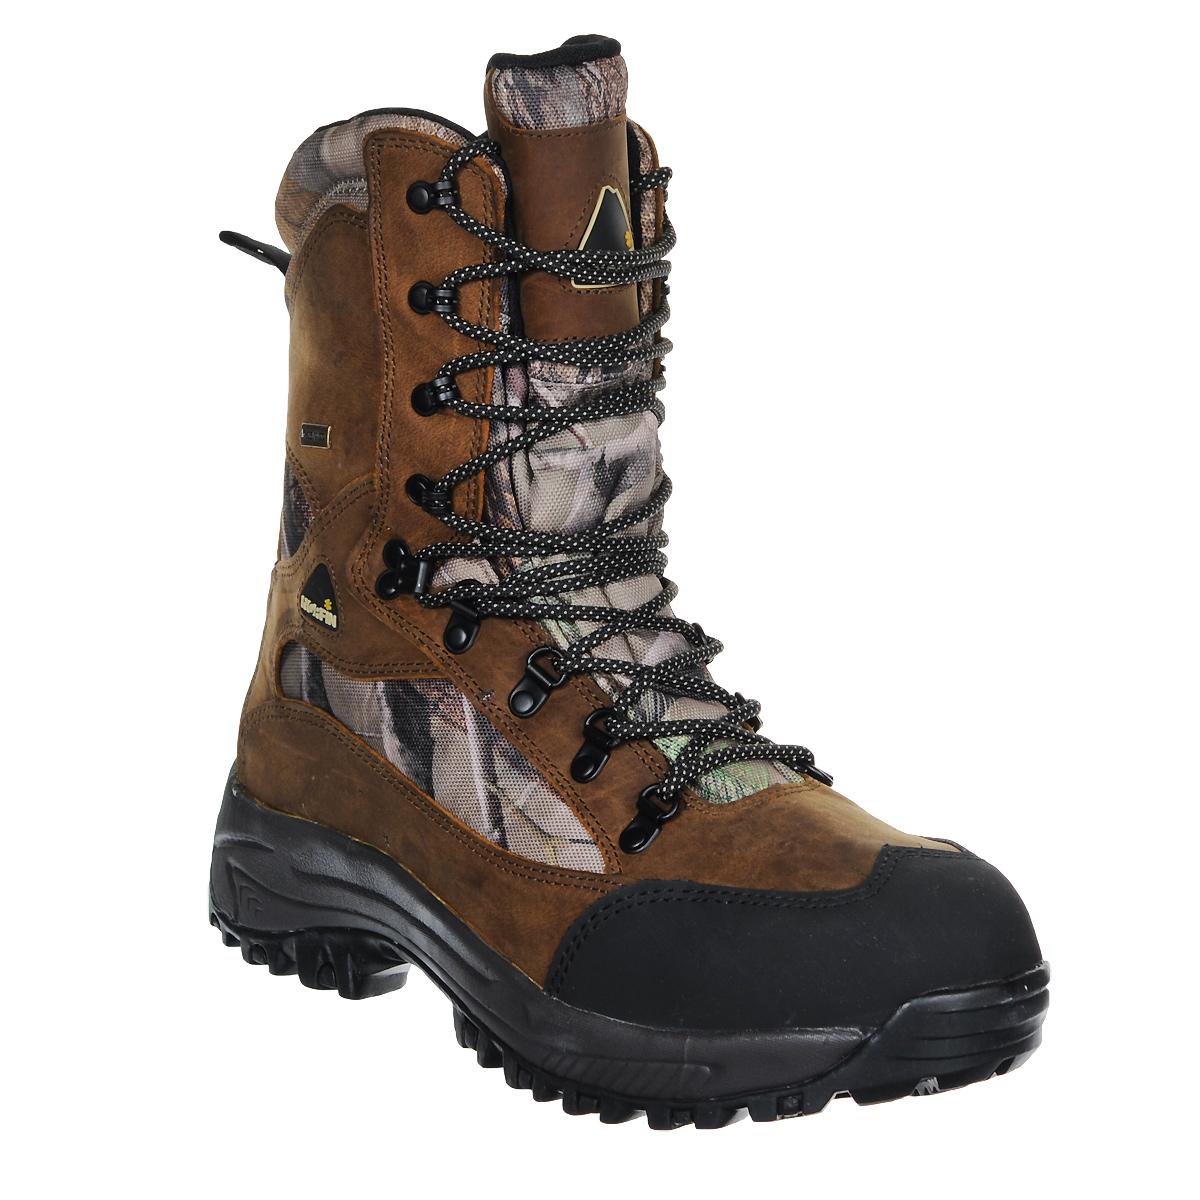 Ботинки13991Теплые и удобные мужские ботинки Norfin Trek идеально подойдут как для рыбалки, охоты и активного отдыха, так для повседневного использования. Верх ботинок выполнен из легкого водонепроницаемого дышащего мембранного материала. Подкладка изготовлена из мягкого текстильного материала, который сохранит ваши ноги в тепле. Легкий утеплитель Thinsulate и высокая подошва ботинок не дадут ногам замерзнуть ранней весной или осенью. Шнуровка надежно фиксирует модель на ноге. Оформлено изделие цветными вставками и небольшими прорезиненными вставками сбоку и на язычке с названием бренда. Средняя часть подошвы сделана из легкого материала EVA, а нижняя часть - из резины с глубоким протектором, который обеспечит хорошее сцепление на любой поверхности. В таких ботинках вы будете чувствовать себя комфортно и уютно.